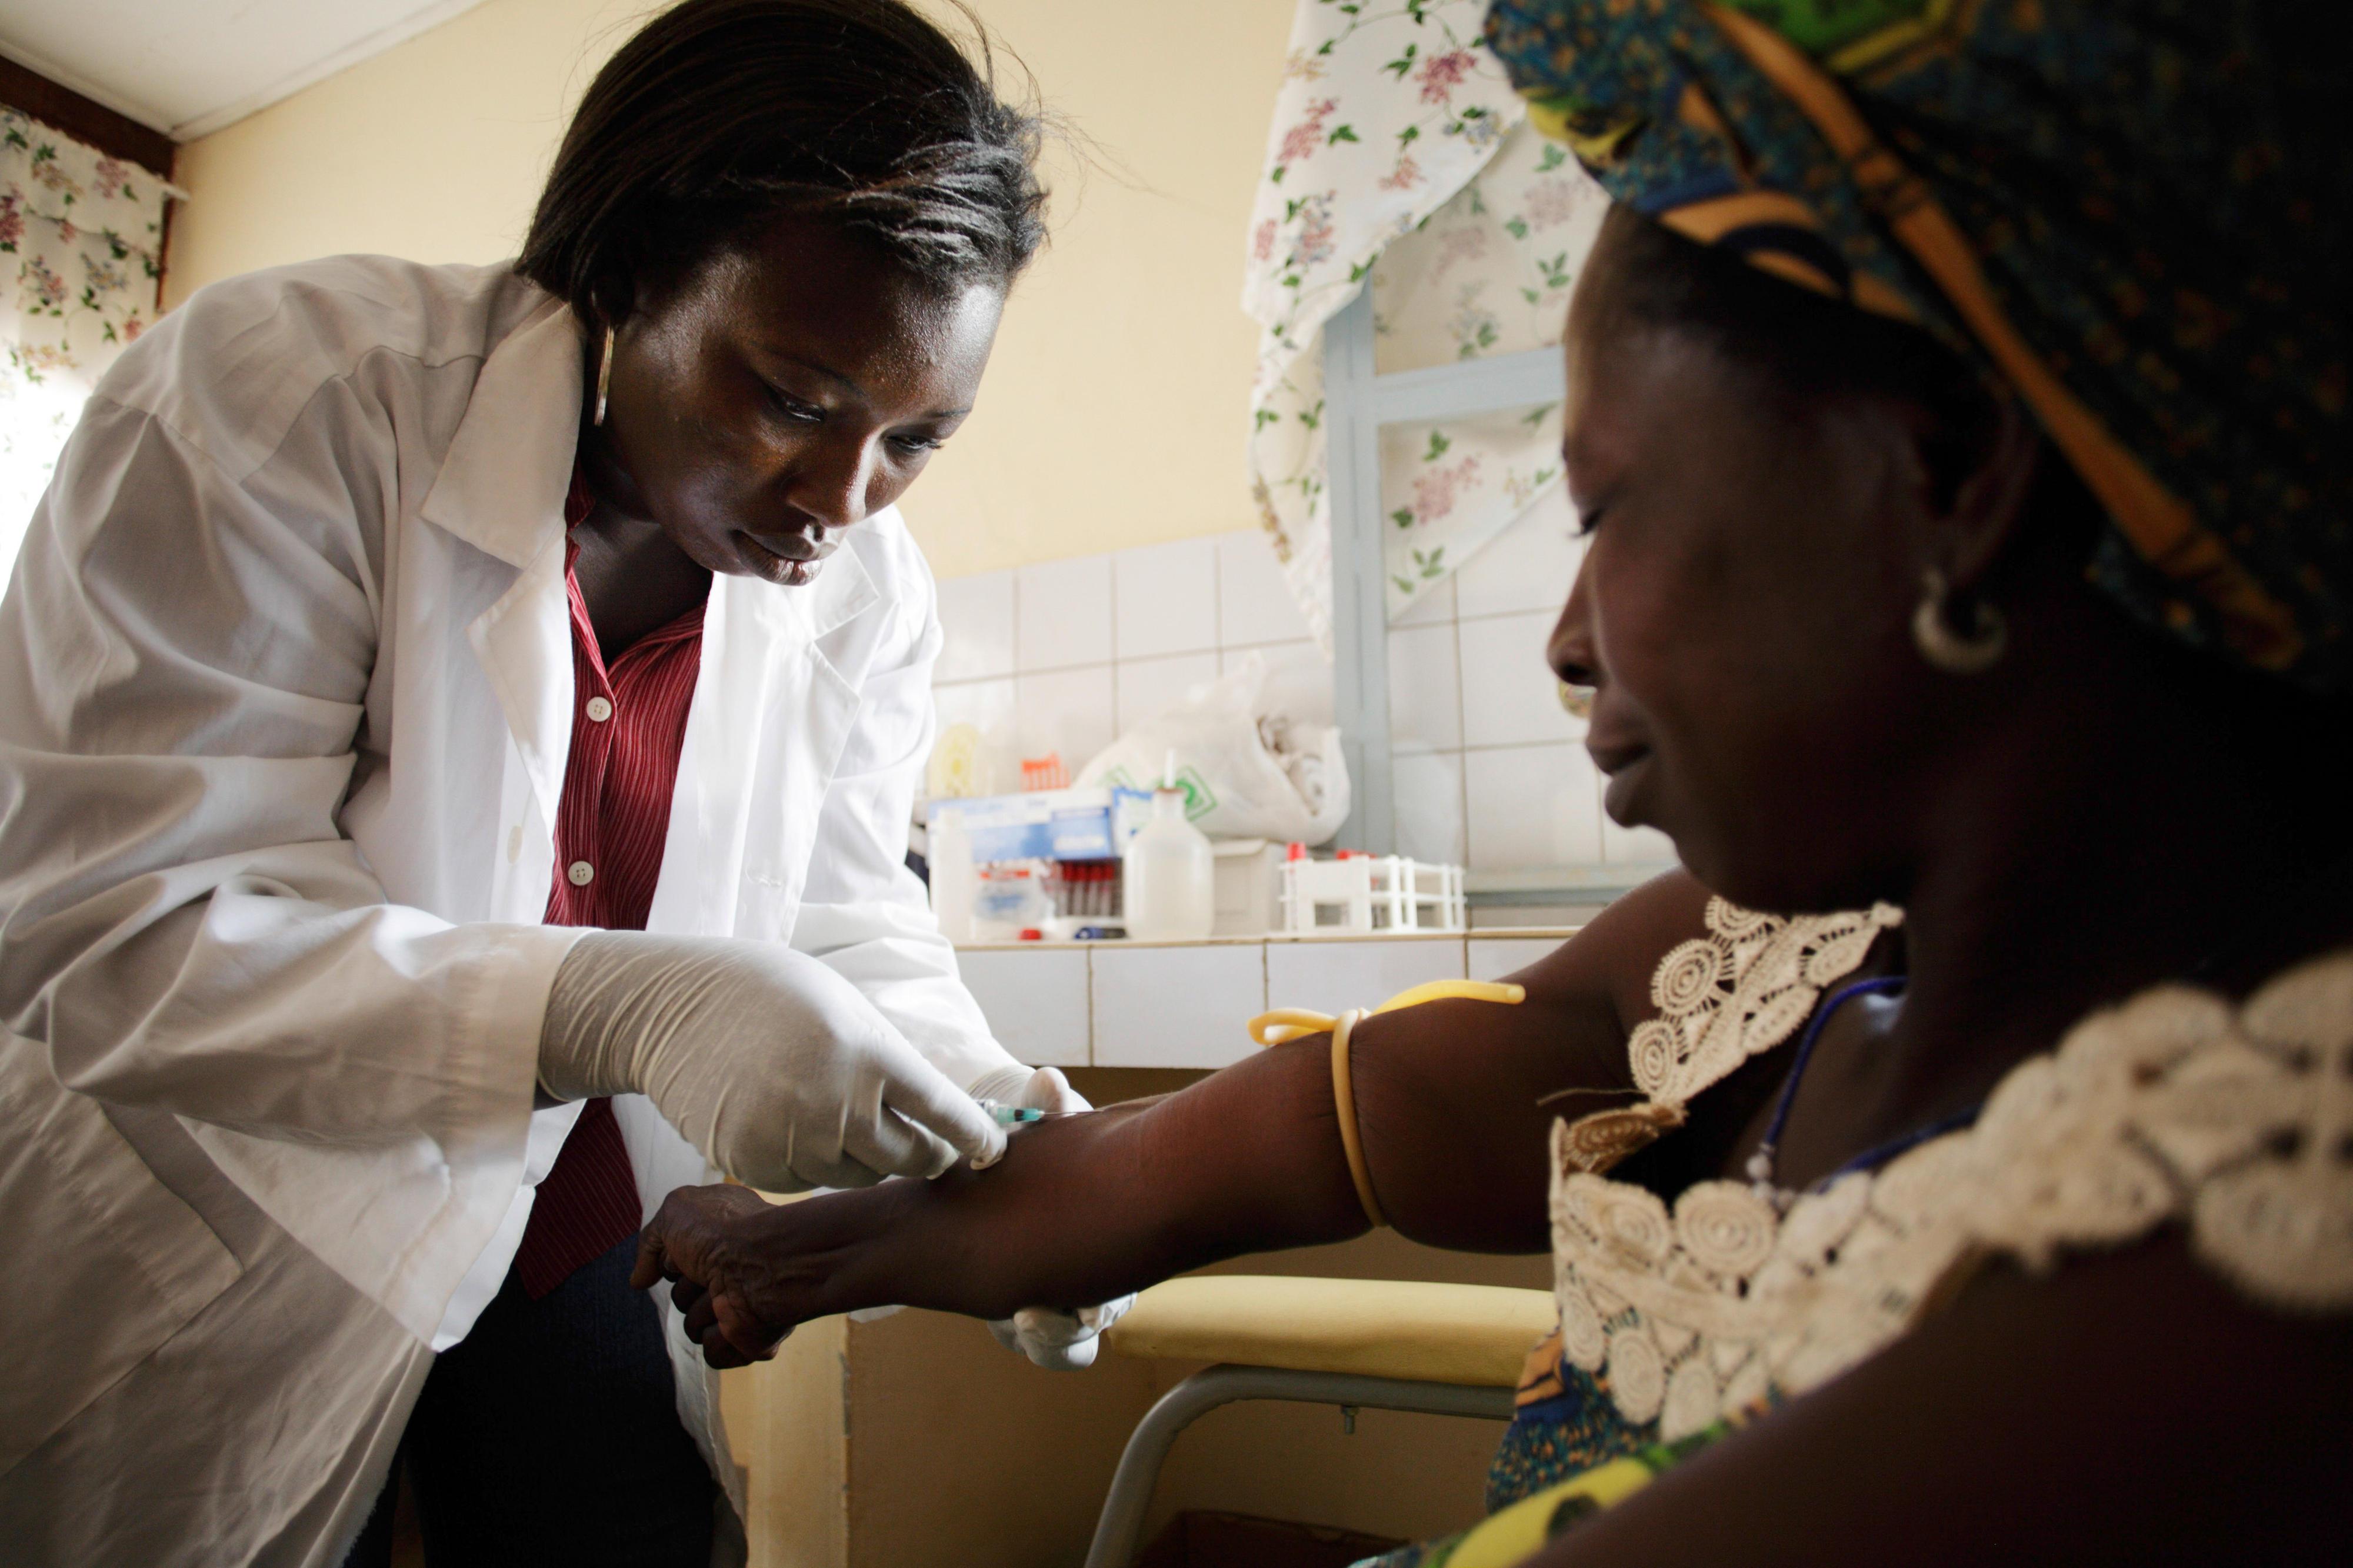 Entnahme einer Blutprobe in einem Krankenhaus in Burkina Faso